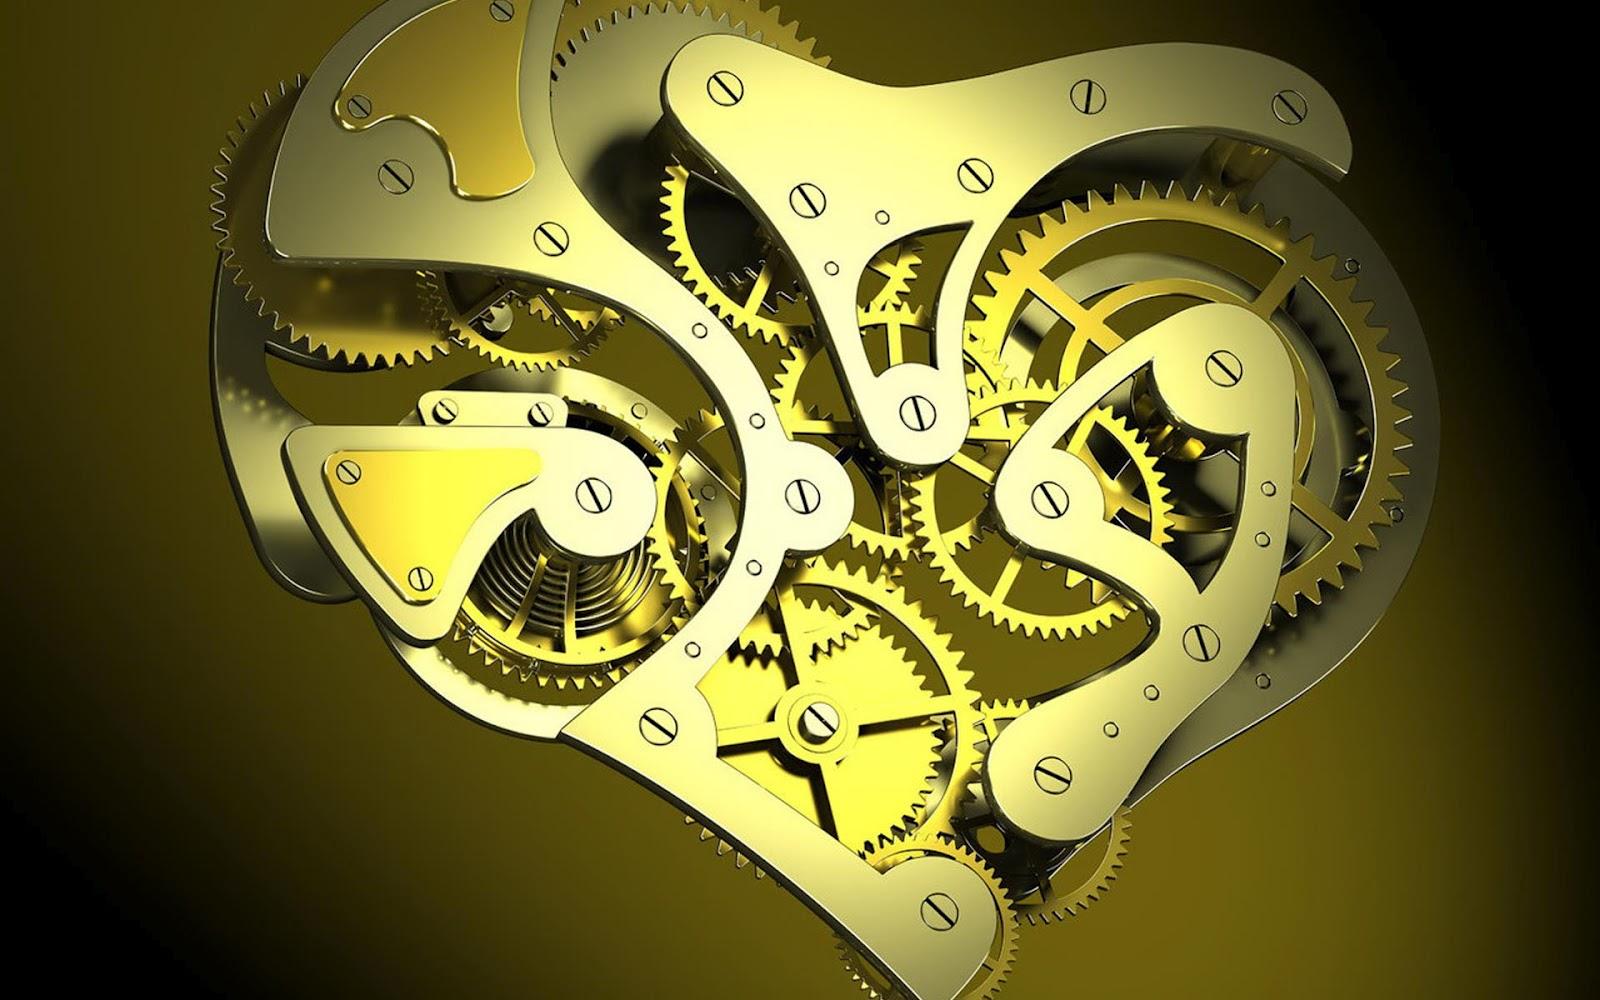 http://1.bp.blogspot.com/-97_aGQHvABo/T9eAKymn6MI/AAAAAAAAAYQ/cJYsjCf8MTY/s1600/Clockwork+Heart+Love+Wallpaper.jpg